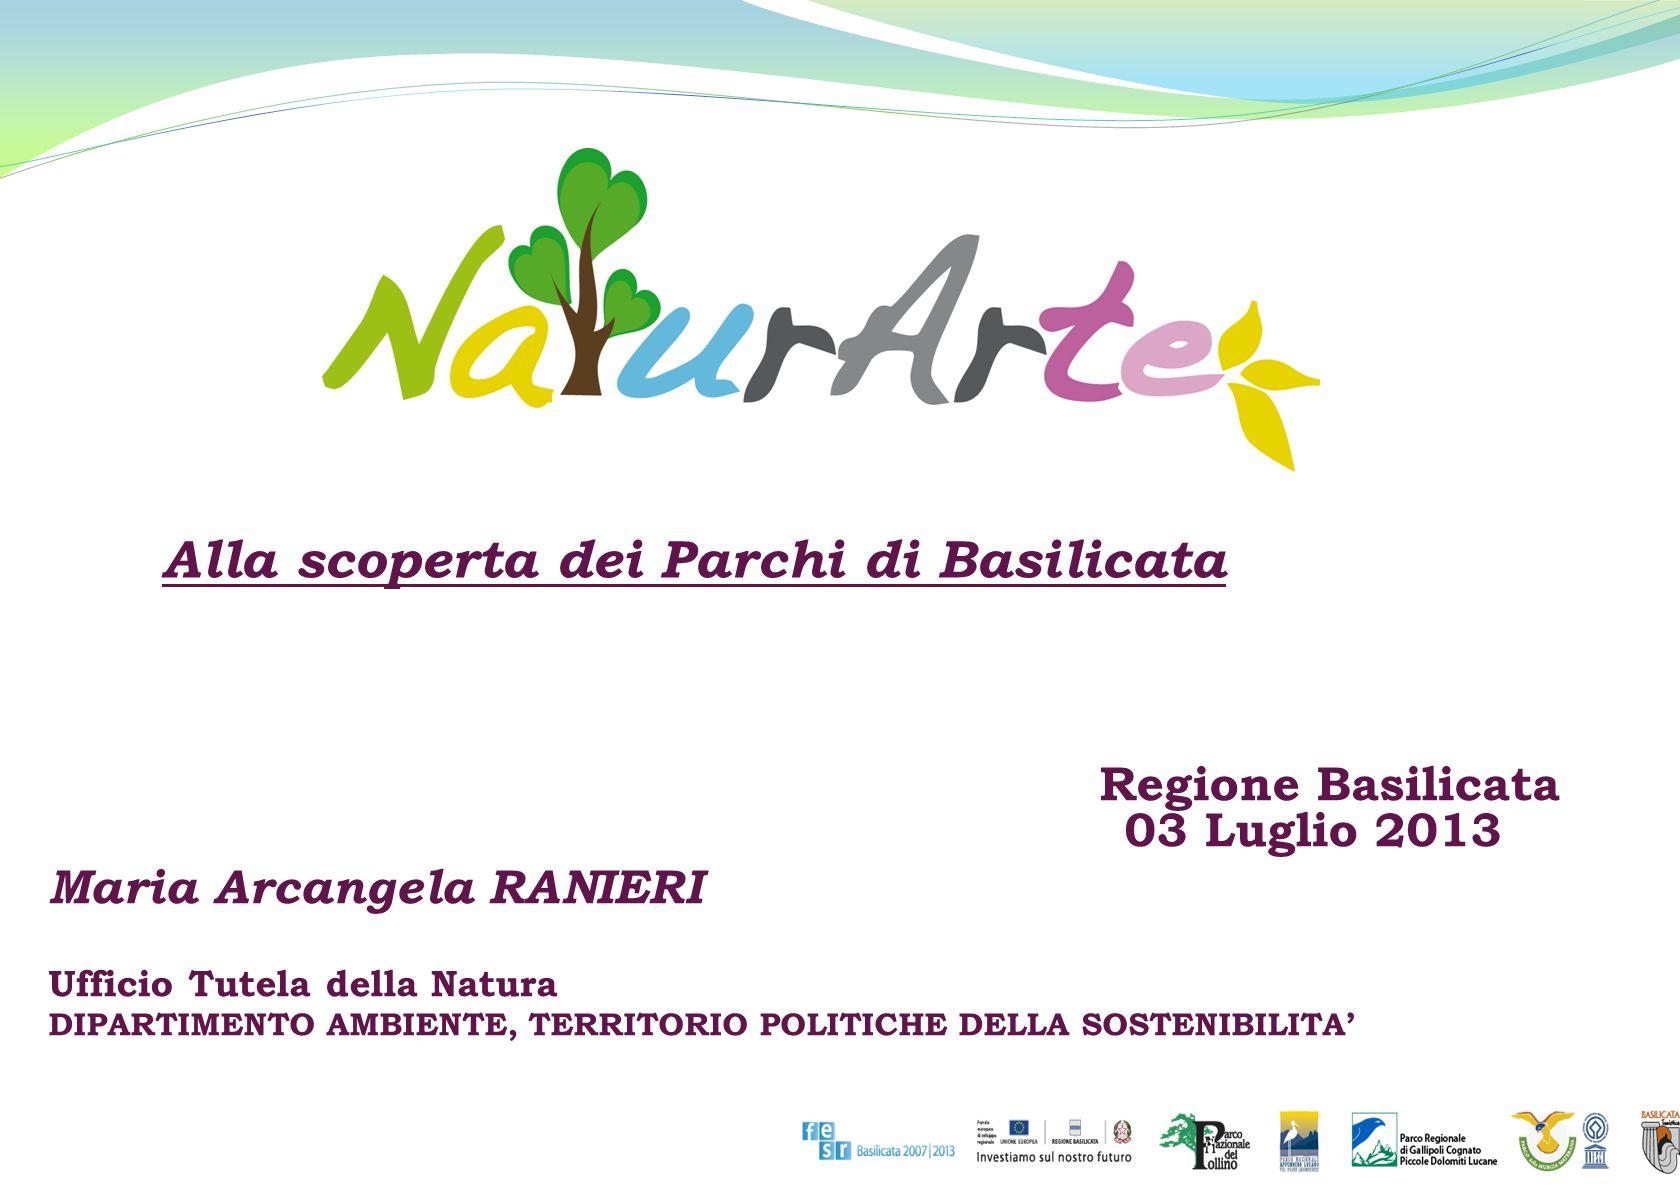 Alla scoperta dei Parchi di Basilicata Regione Basilicata 03 Luglio 2013 Maria Arcangela RANIERI Ufficio Tutela della Natura DIPARTIMENTO AMBIENTE, TERRITORIO POLITICHE DELLA SOSTENIBILITA'